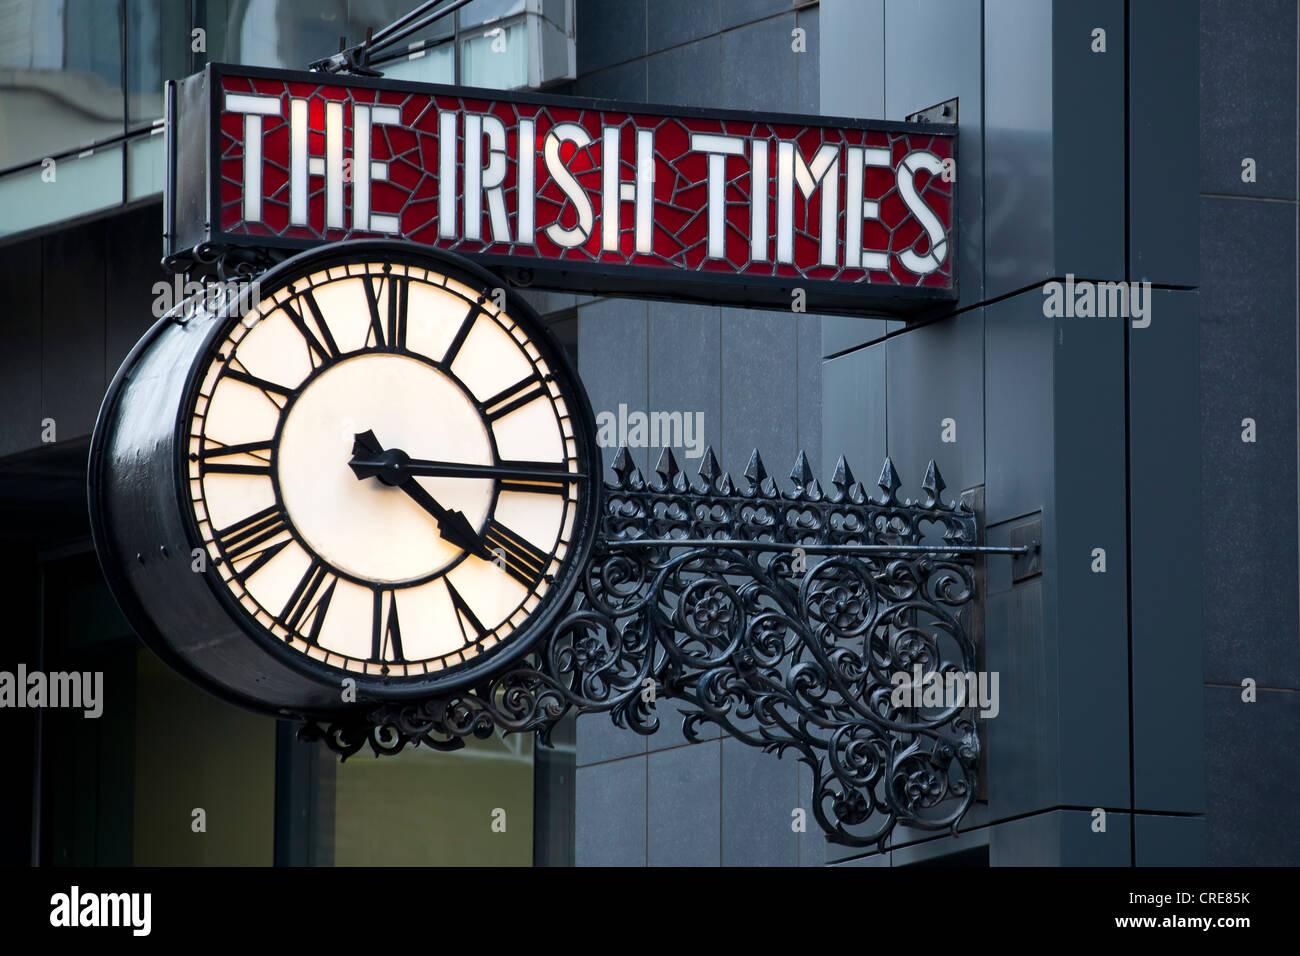 Uhr über die Redaktion und Verwaltung des Medienunternehmens The Irish Times, Dublin, Irland, Europa Stockbild